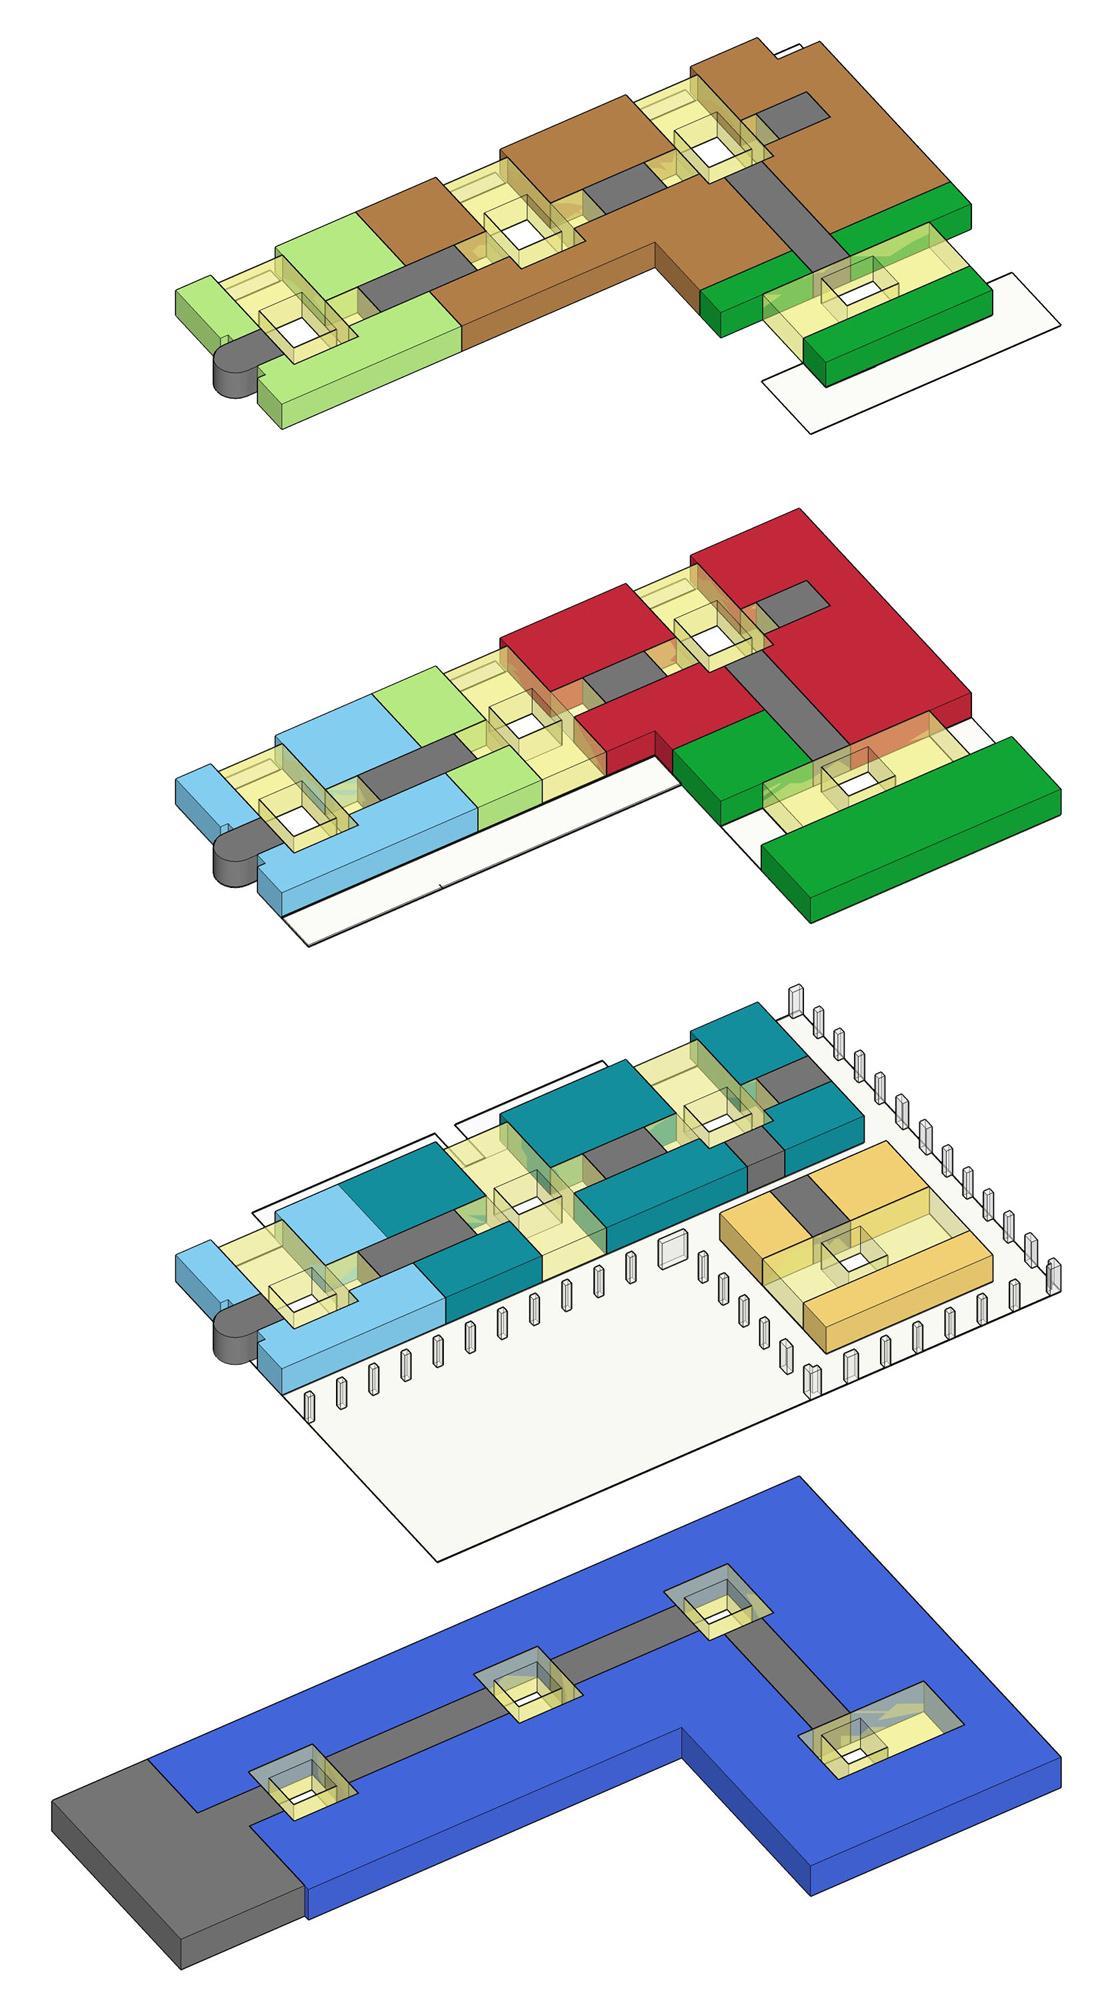 Building Organization Diagram (SketchUp)